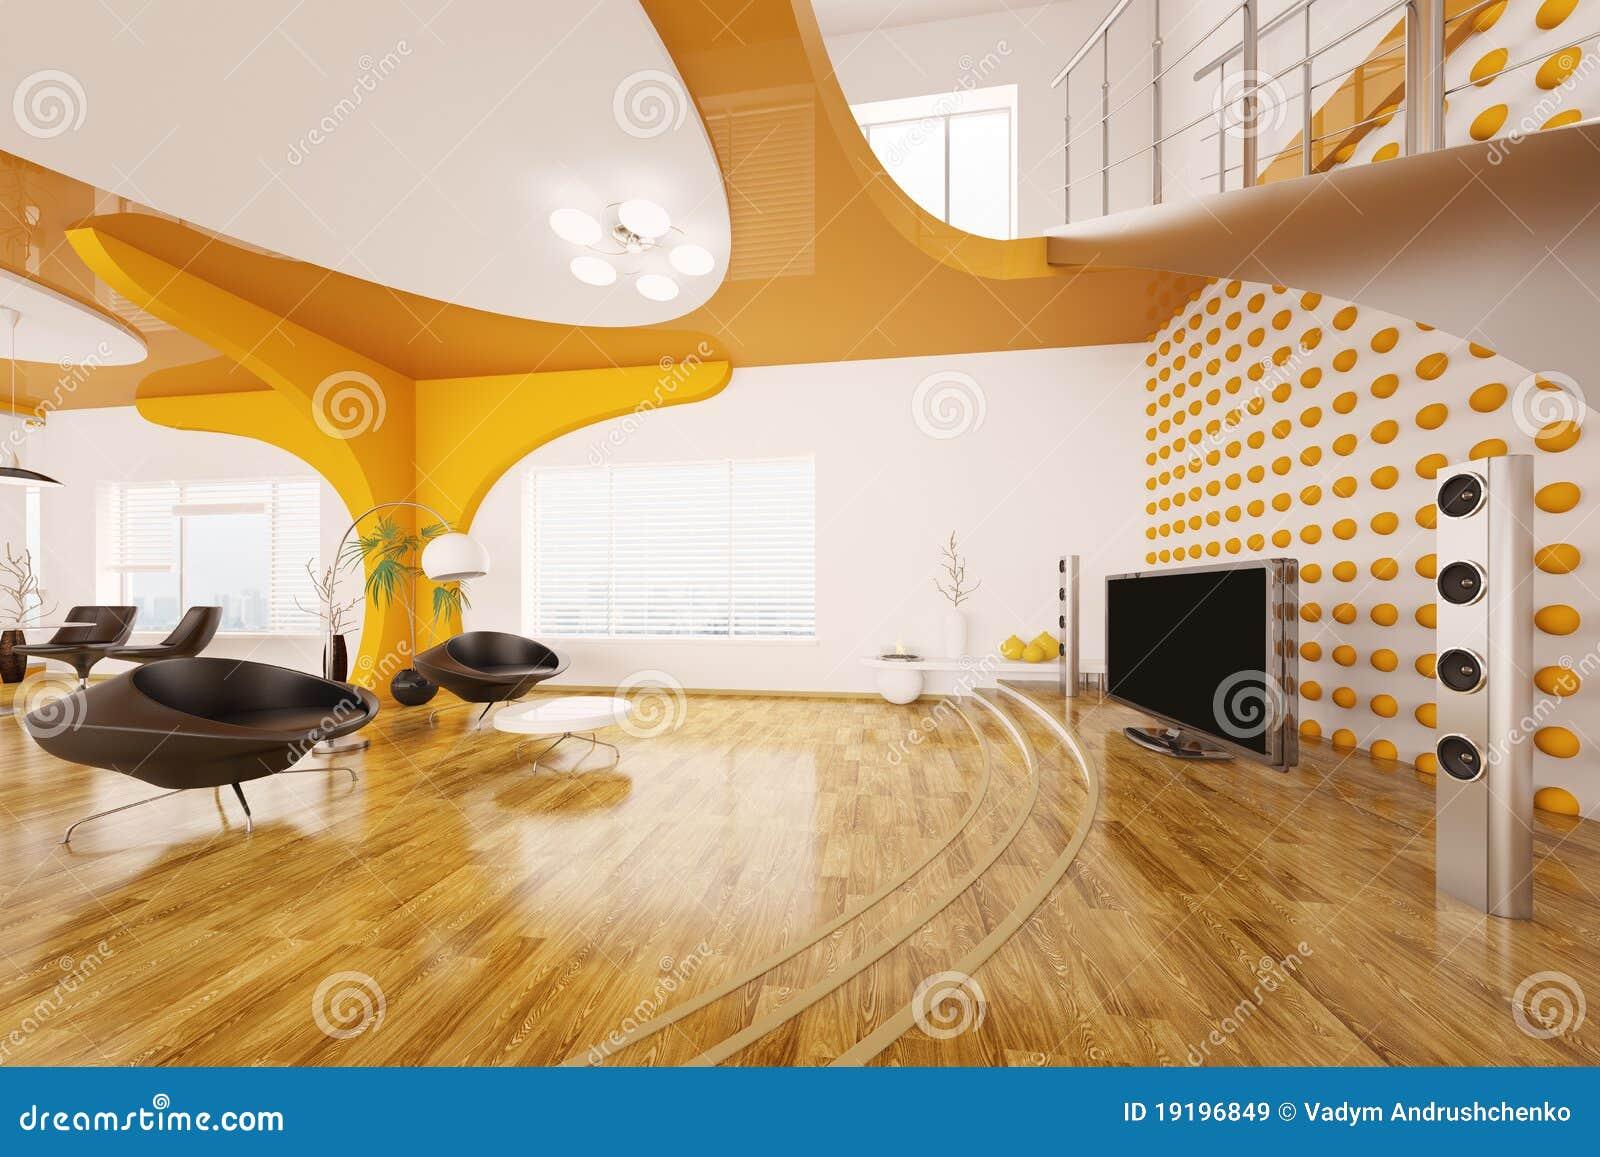 Design Interior Living Modern Render Room